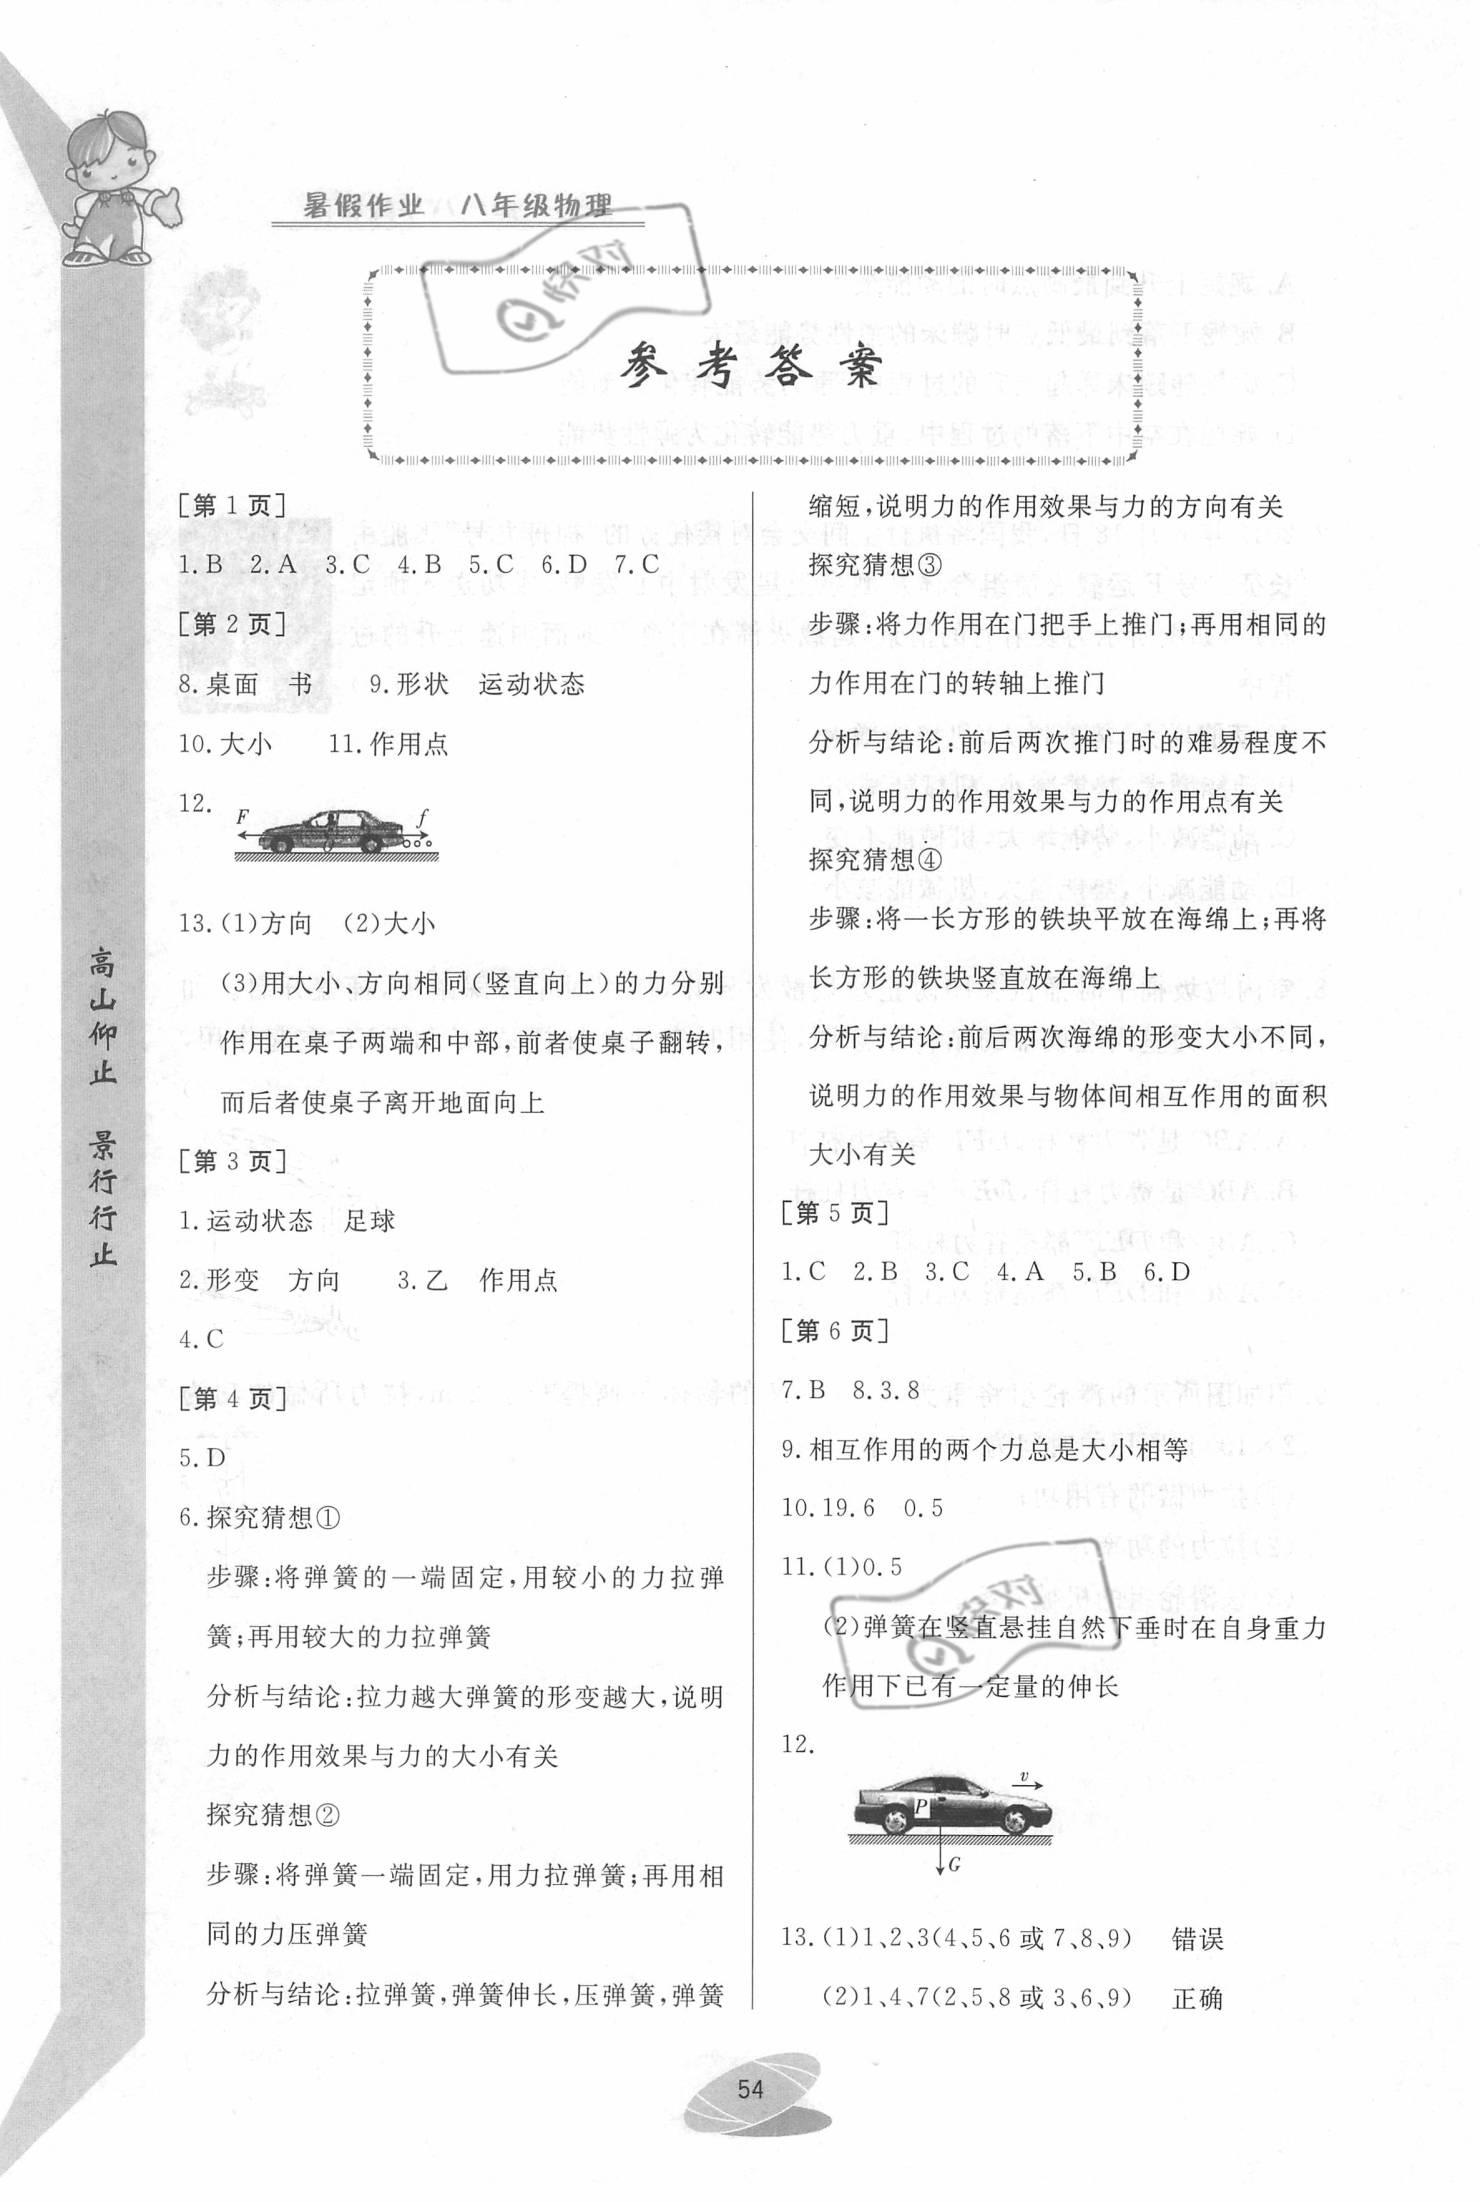 2021年暑假作业八年级物理通用版华中科技大学出版社